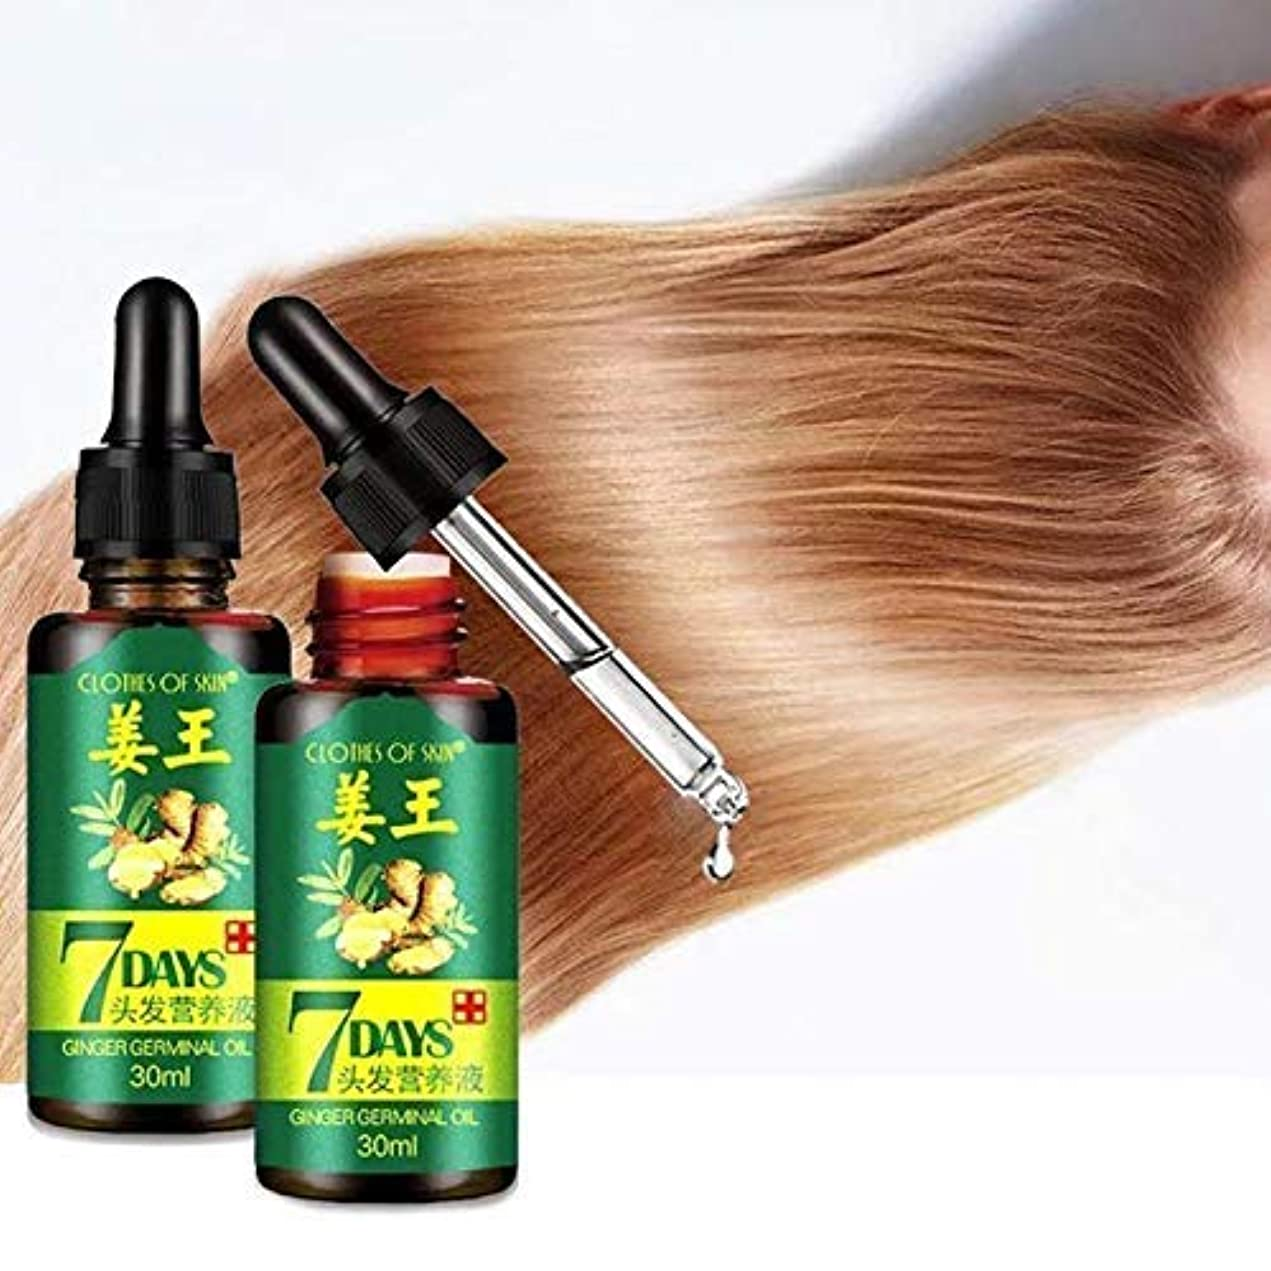 部門アレイオフセットZooArts 育毛剤 薬用育毛トニック発毛促進 しょうが成分 天然成分 無添加 頭皮ケア 抜け毛対策 薄毛対策 ヘヤリンス アロマ スカルプエッセンス スカルプシャンプー 男女兼用 2本セット